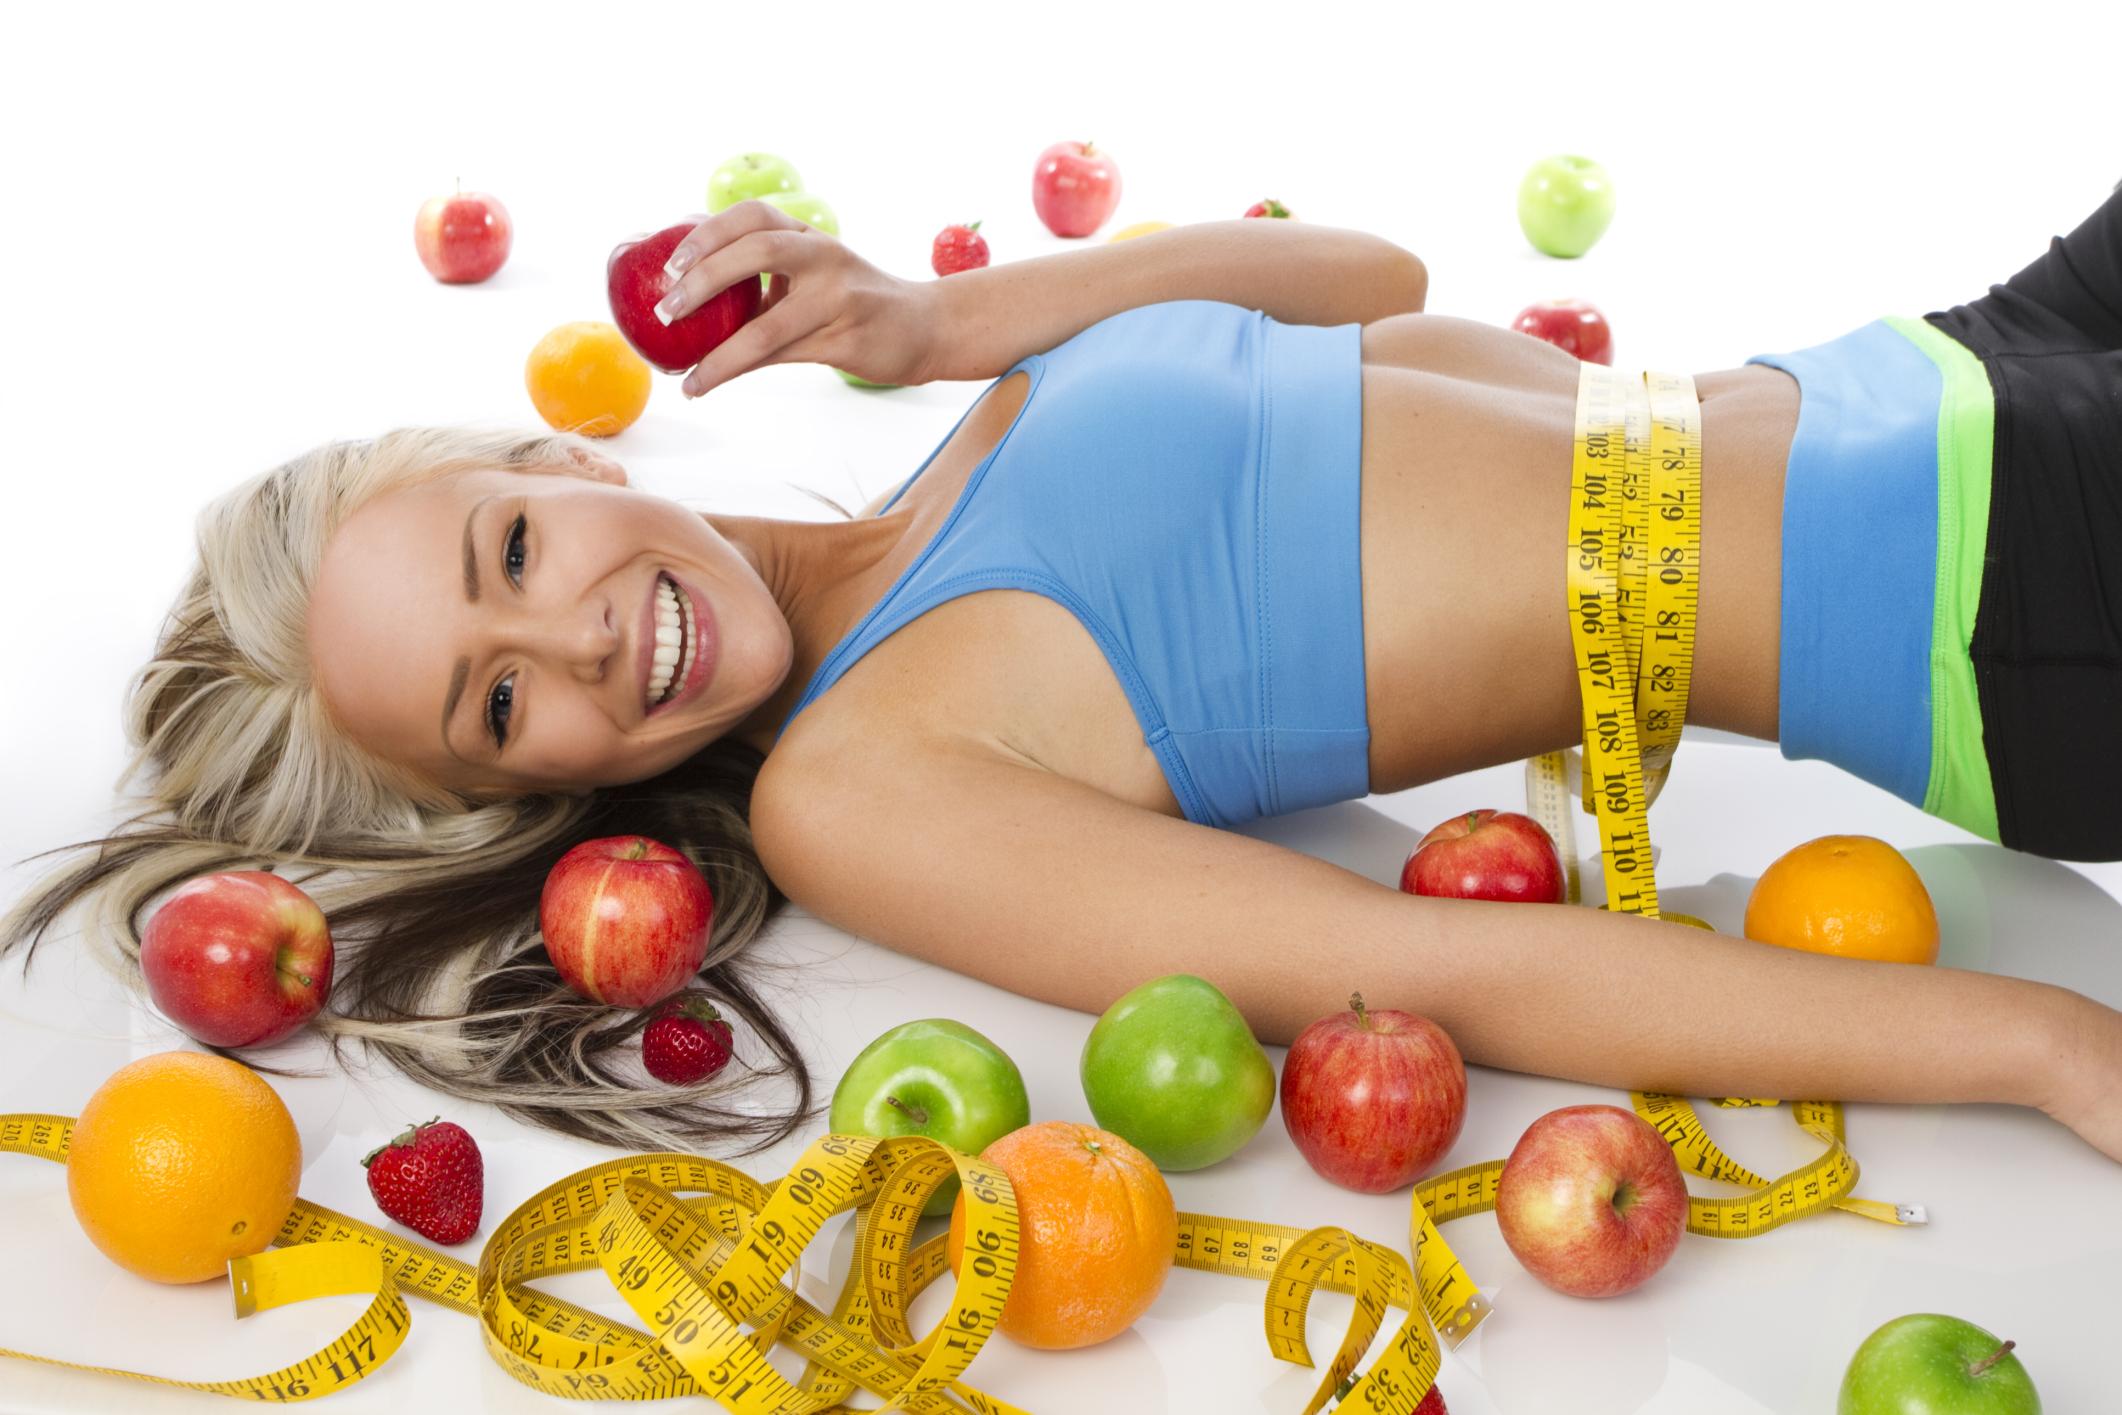 Похудеть Очень Легко. 30 способов, как похудеть естественным способом без диеты и убрать живот без упражнений в домашних условиях